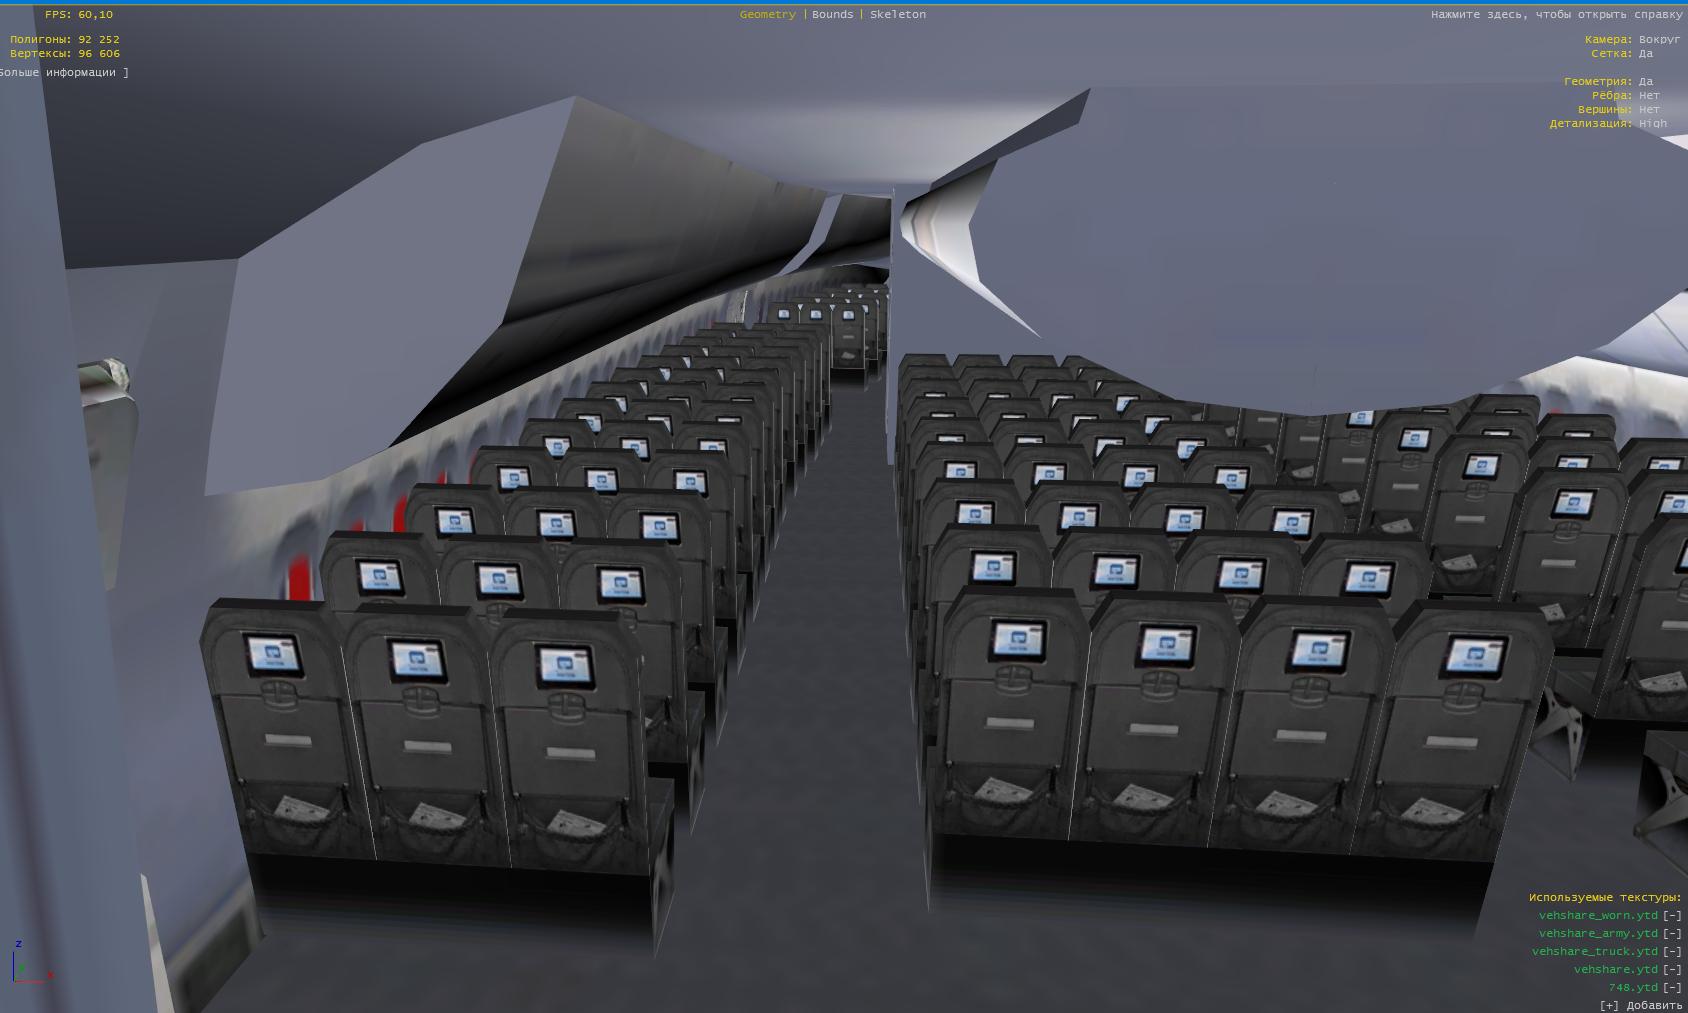 Boeing 747-8i New Interior - GTA5-Mods.com